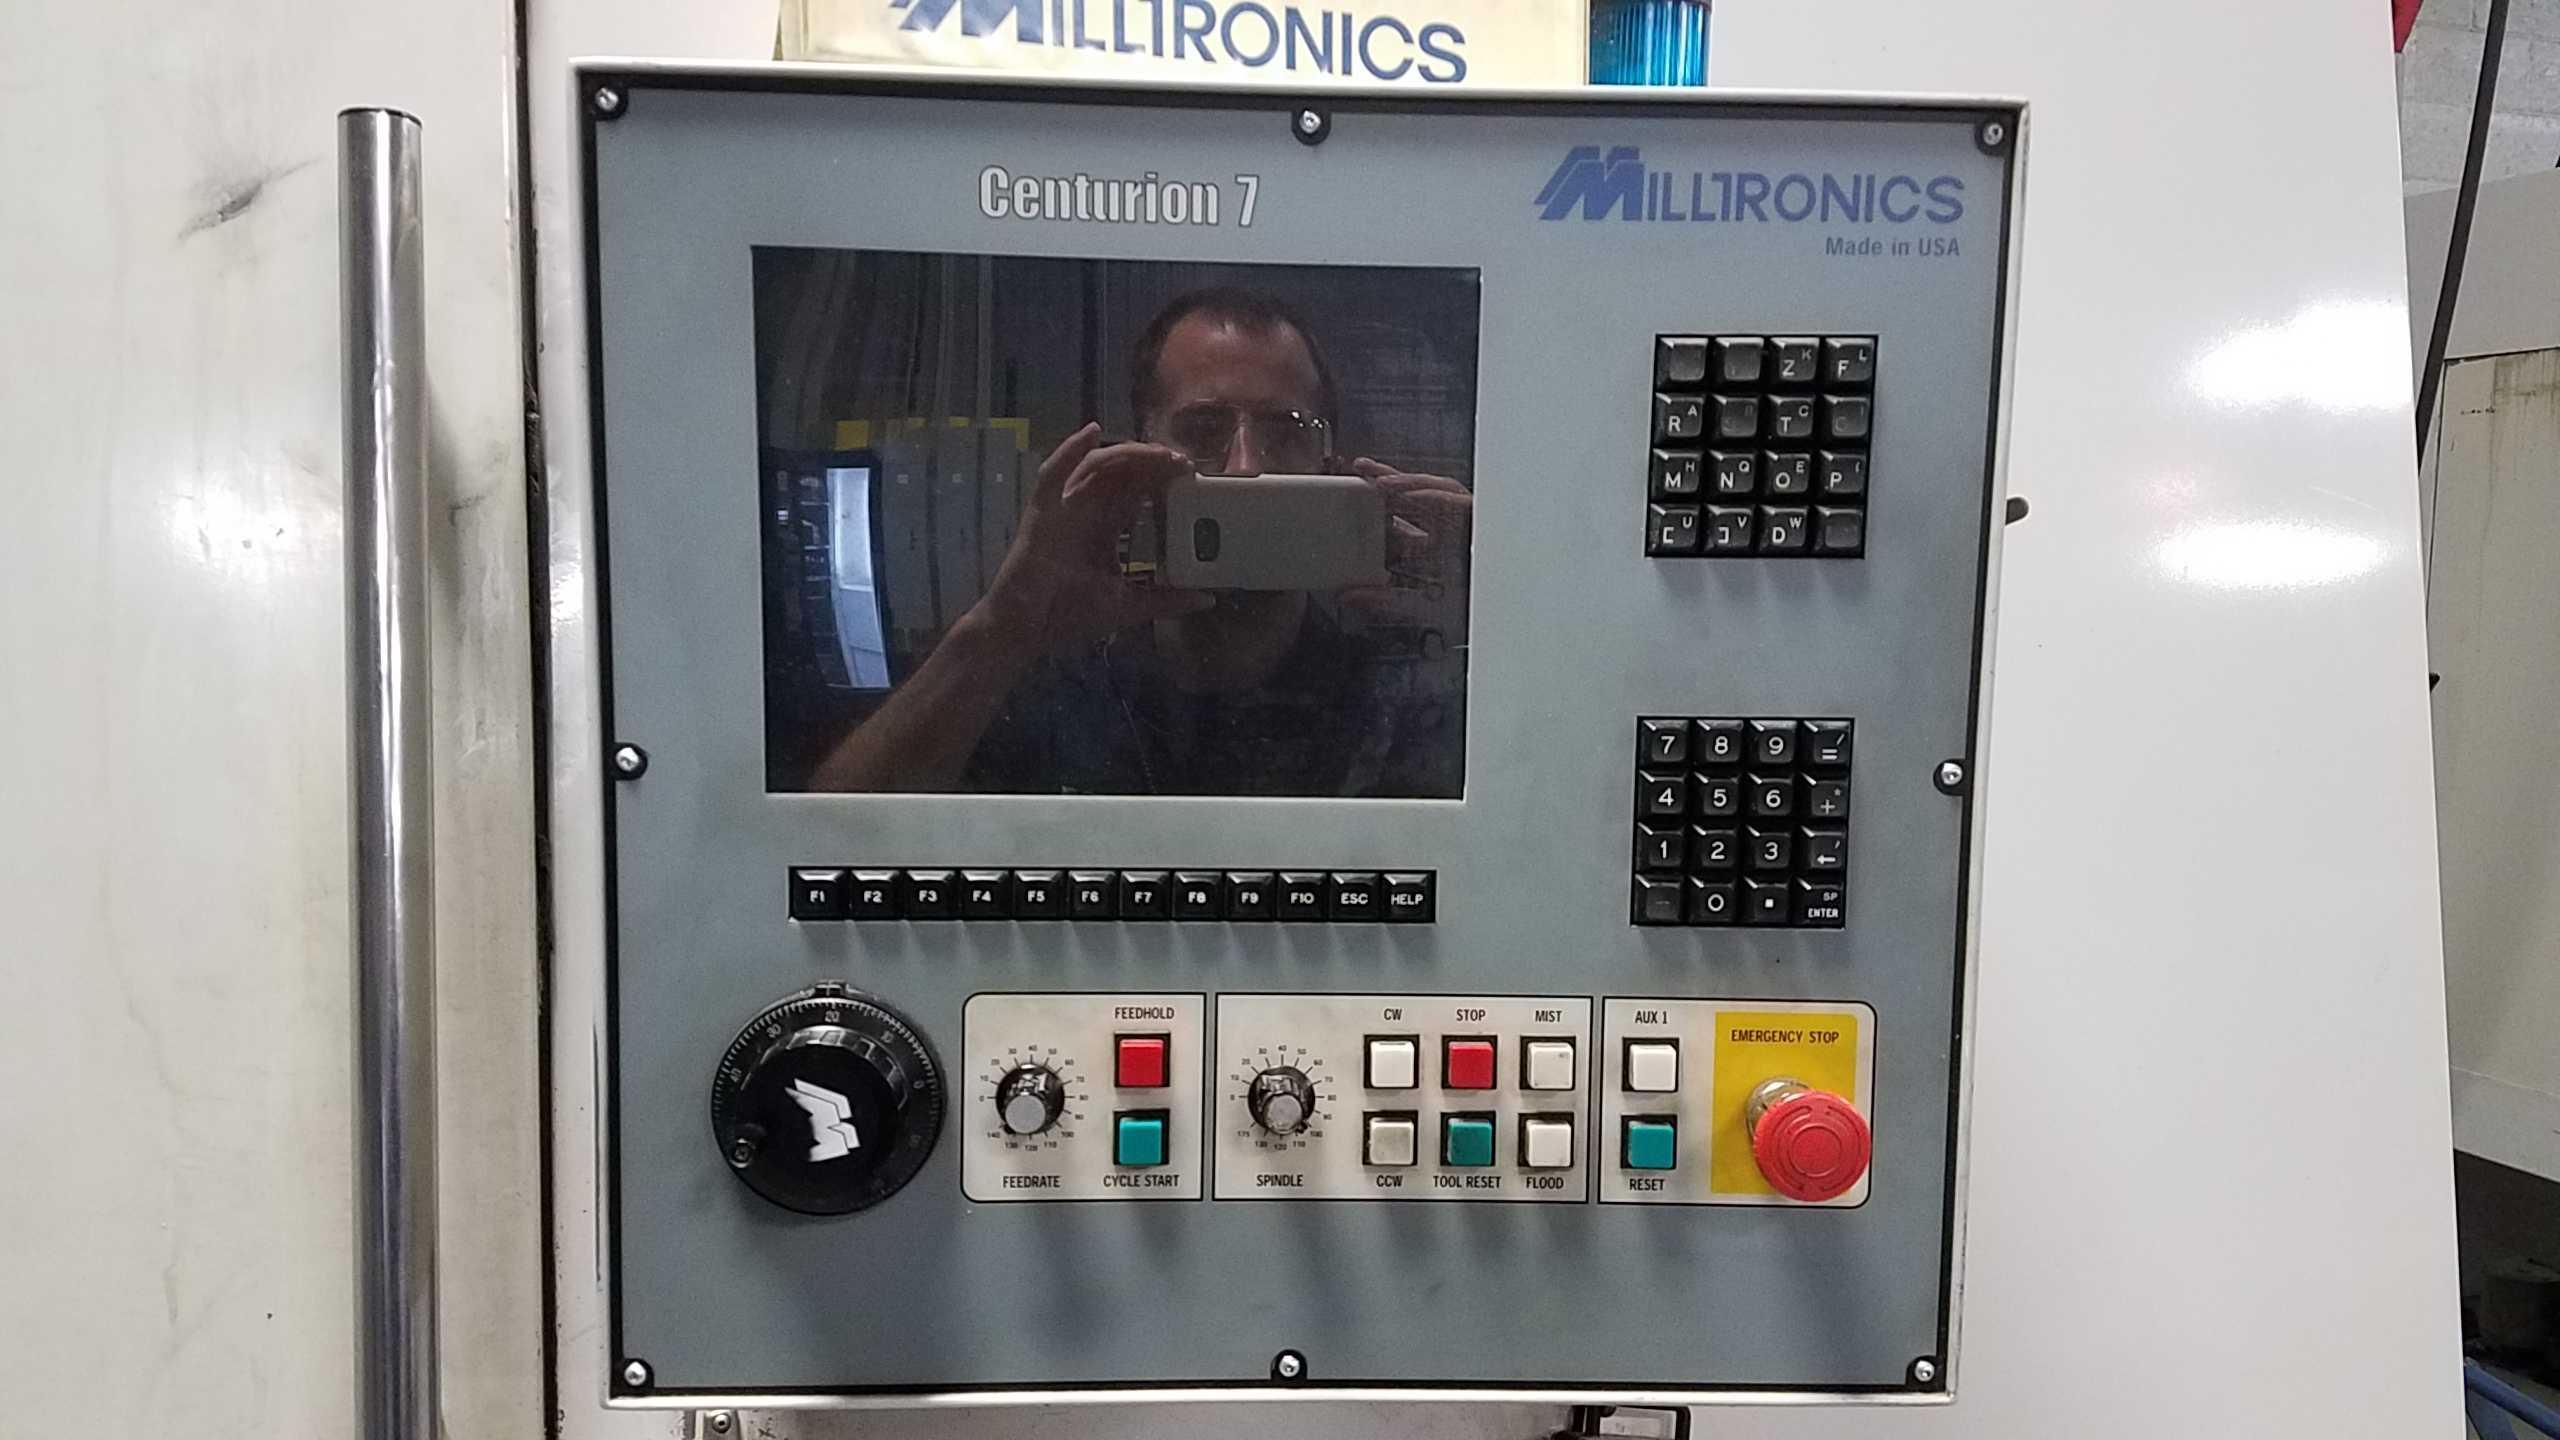 2001 Milltronics VM30 - CNC Vertical Machining Center